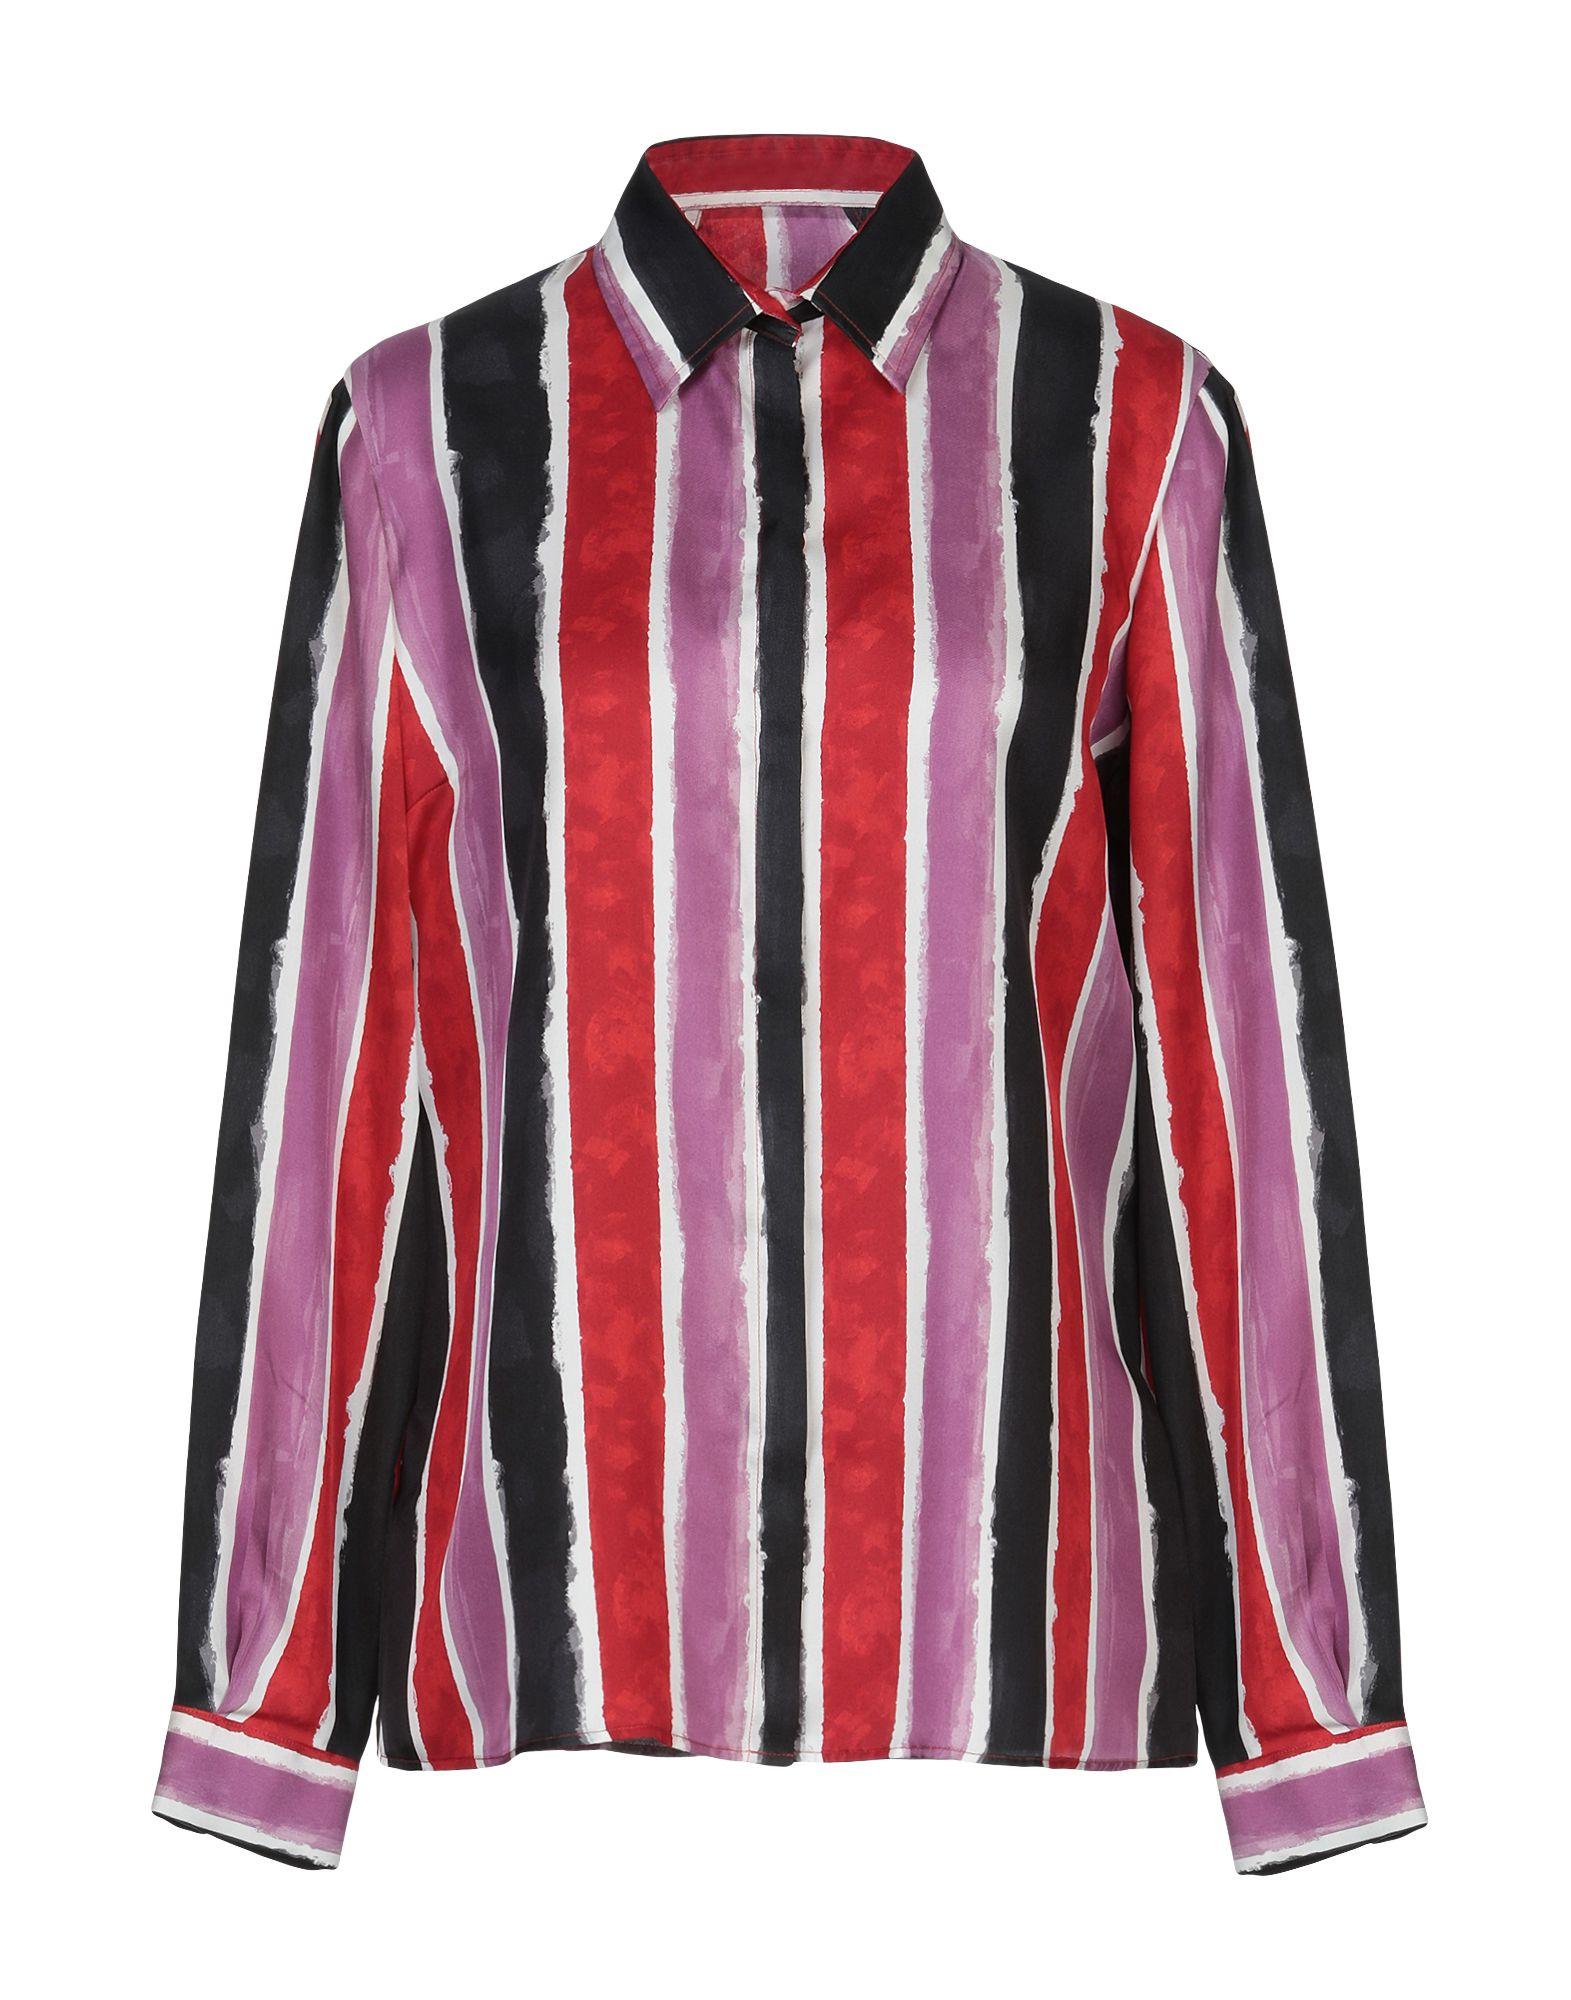 Gianni Versace Camisas Y Blusas De Seda - Gianni Versace Mujer - YOOX e9ab3f9bbf2